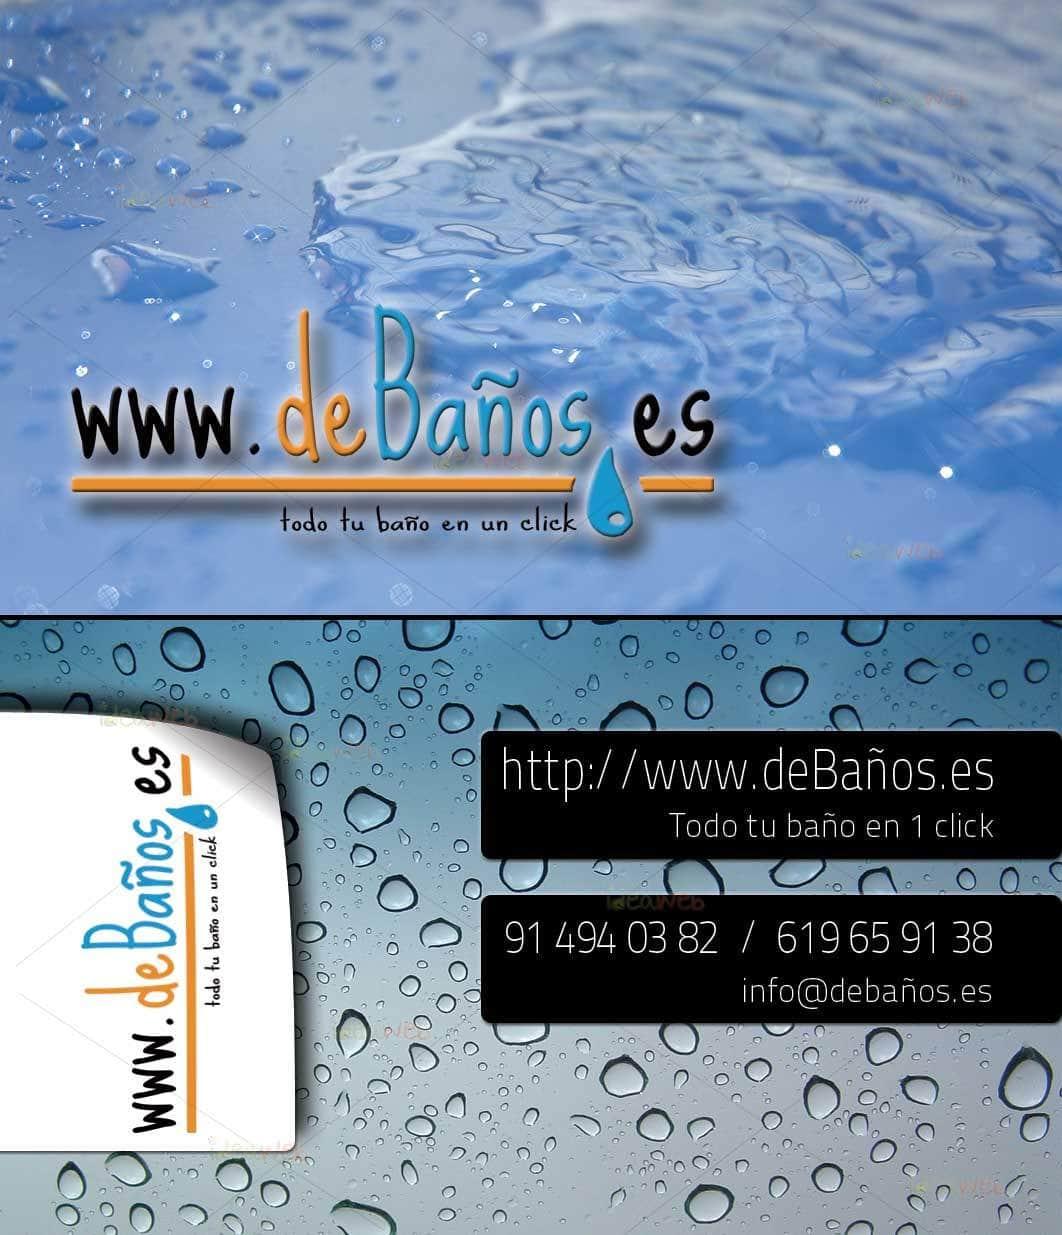 Diseño tarjetas de visita deBaños.es